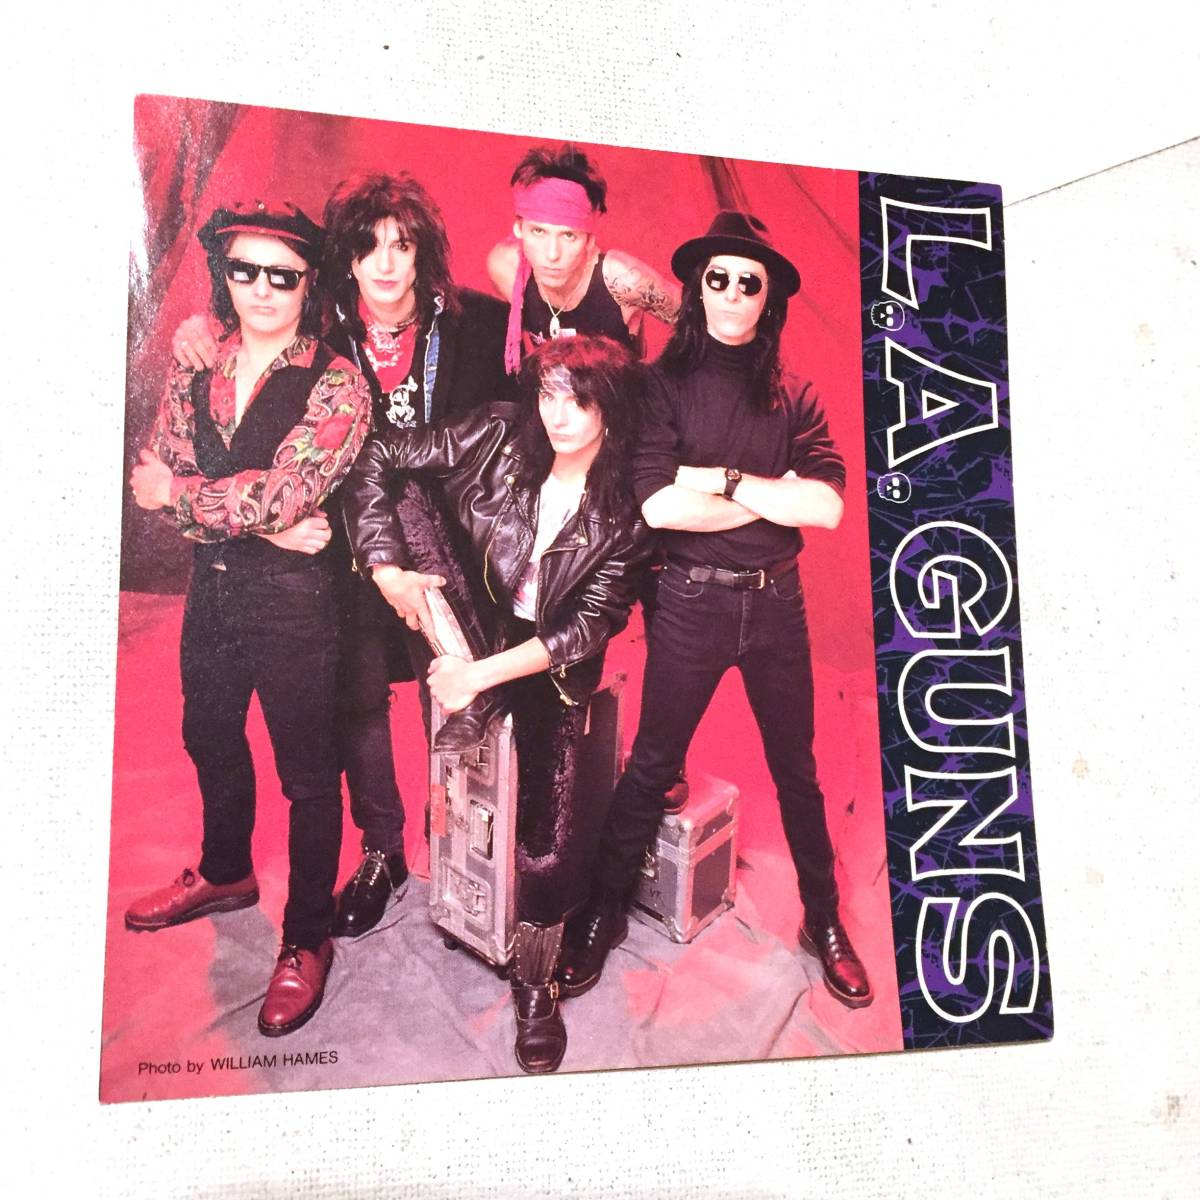 L.A. GUNS ガンズ ステッカー CD初回特典